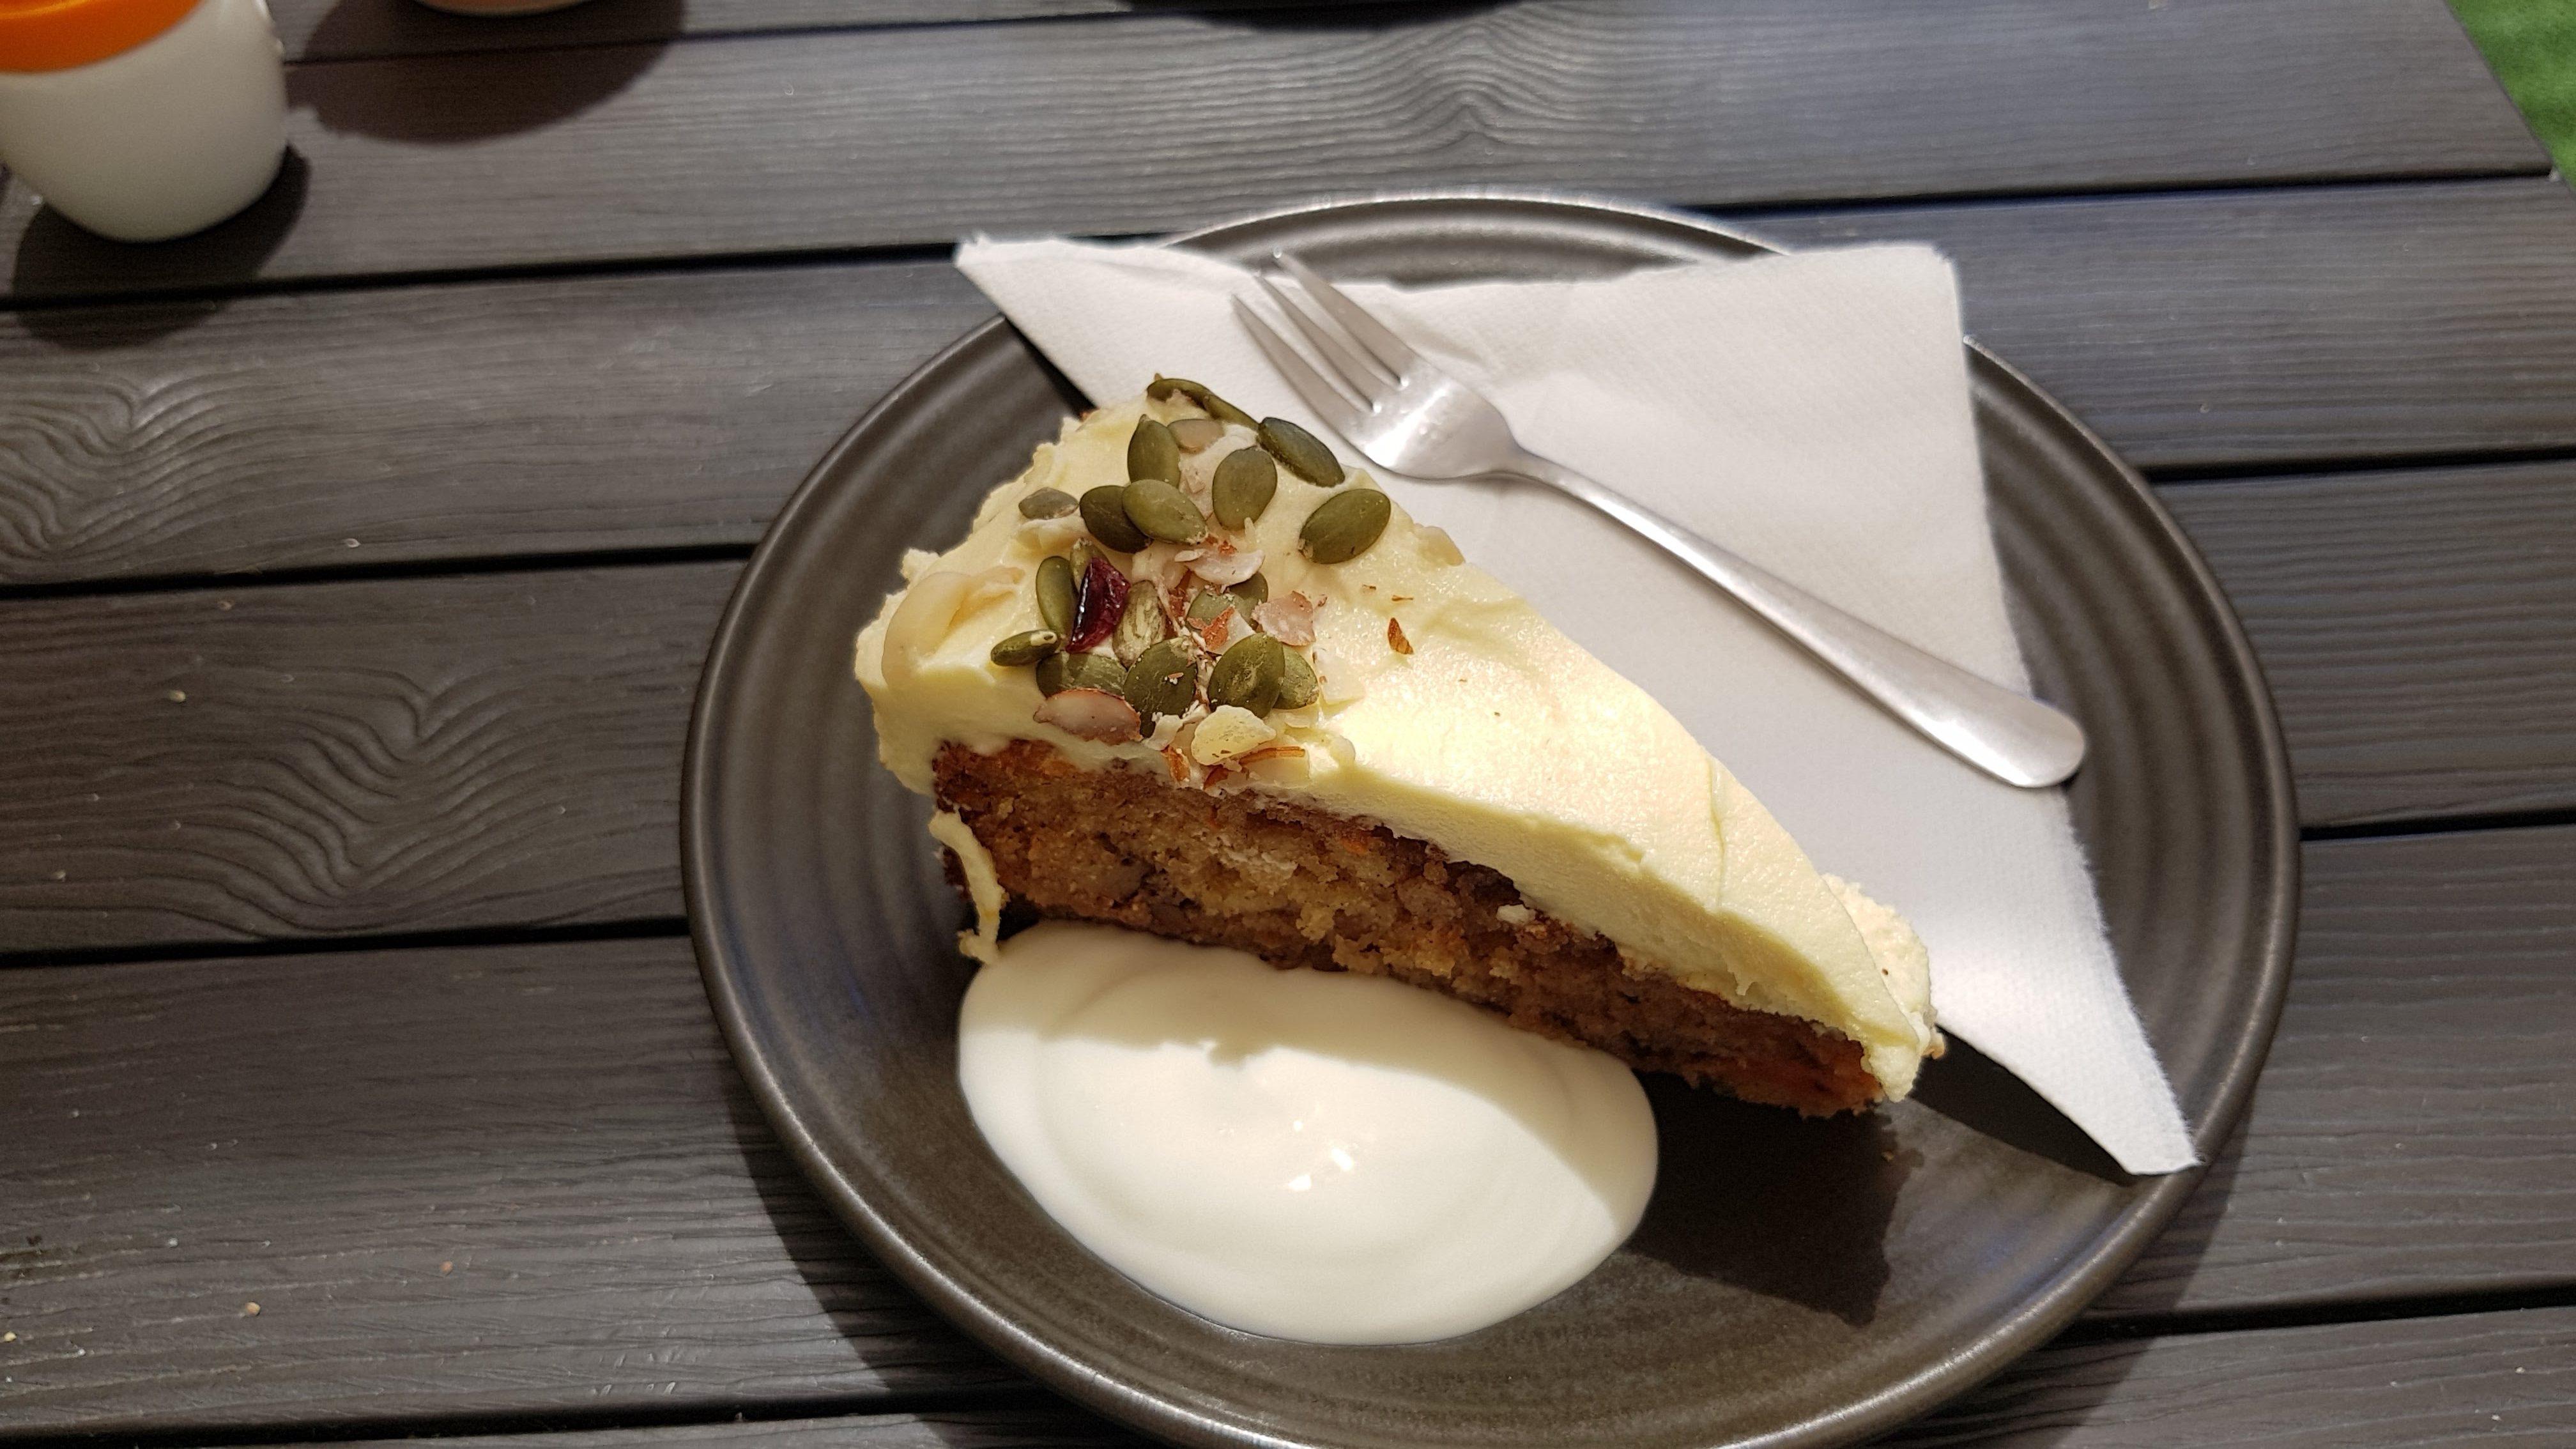 Amazing cake from Cafe Oranje Plimmerton